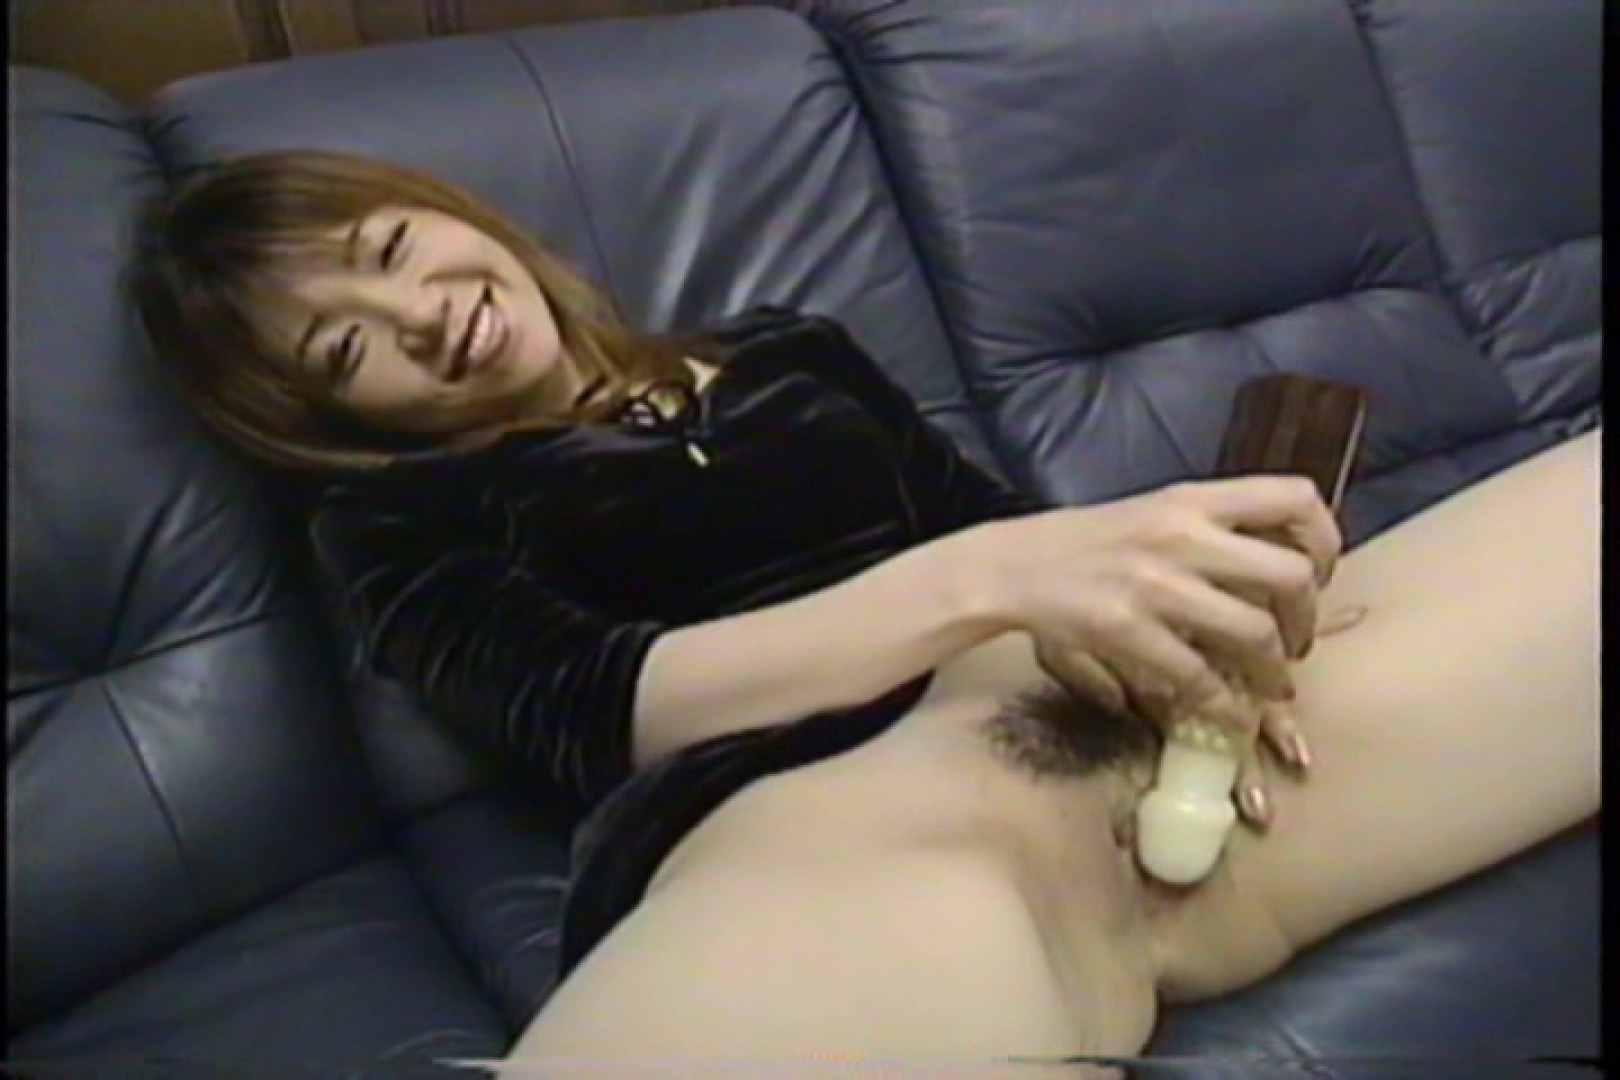 かわいい人妻、巨乳が疼いて止まらない~飯島れいか~ バイブプレイ | 人妻のエッチ  106pic 61